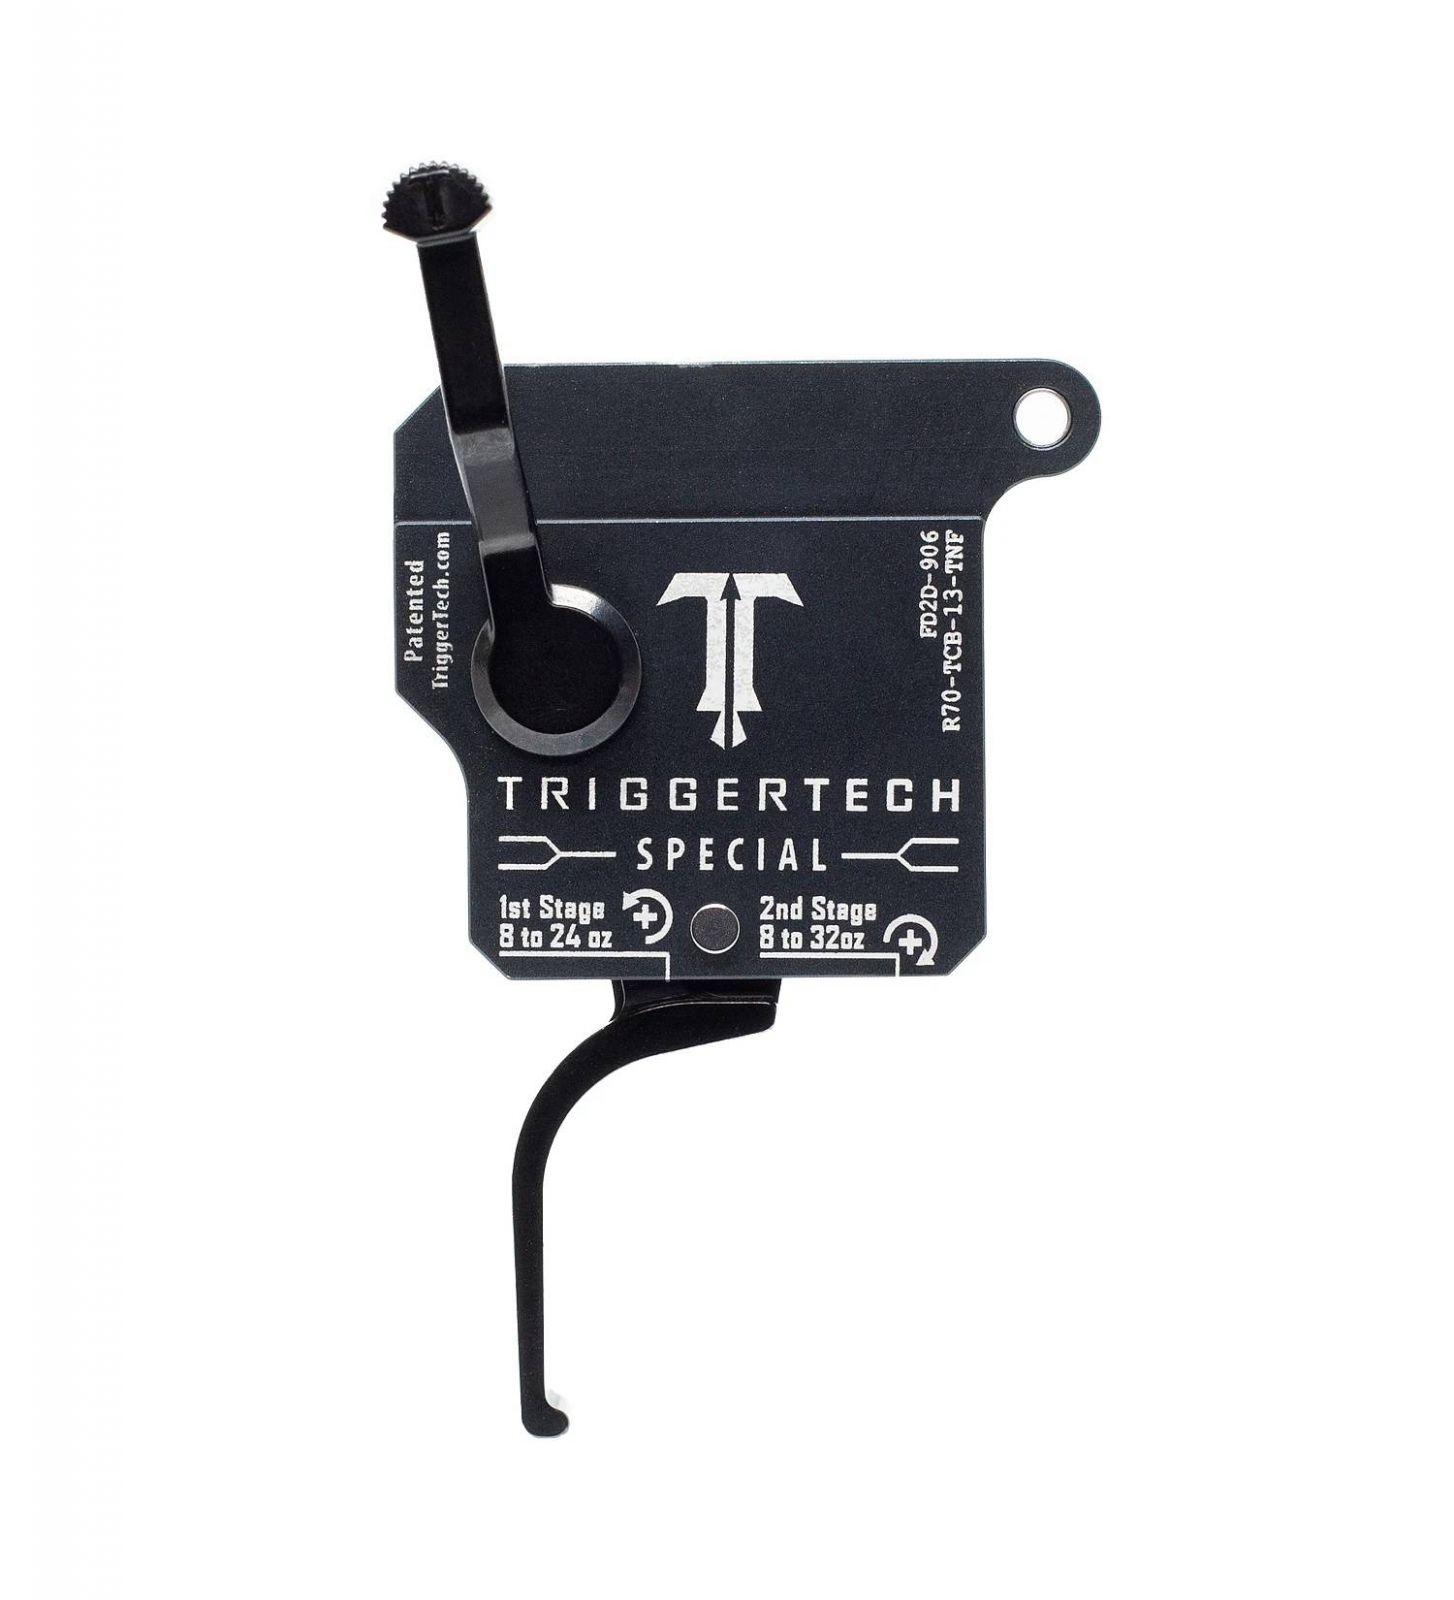 Spoušť Triggertech 2-stage Special pro Remington klony - rovná, černá